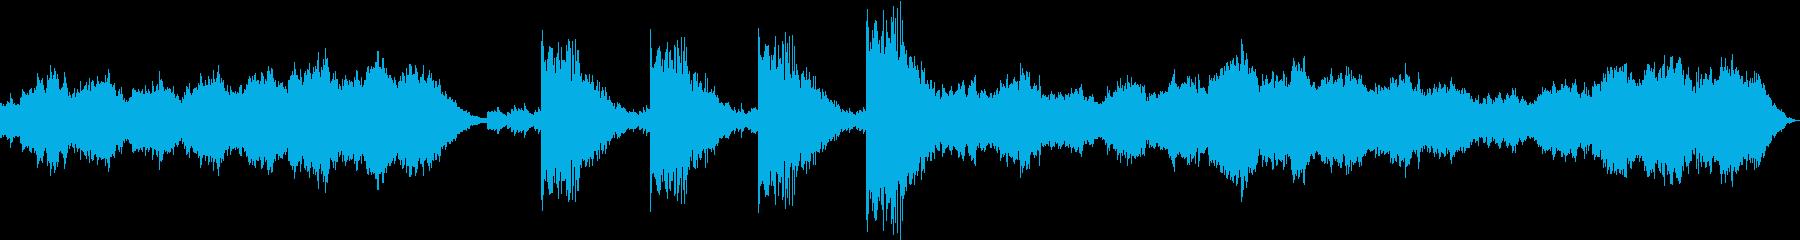 悲しいシネマサウンドの再生済みの波形